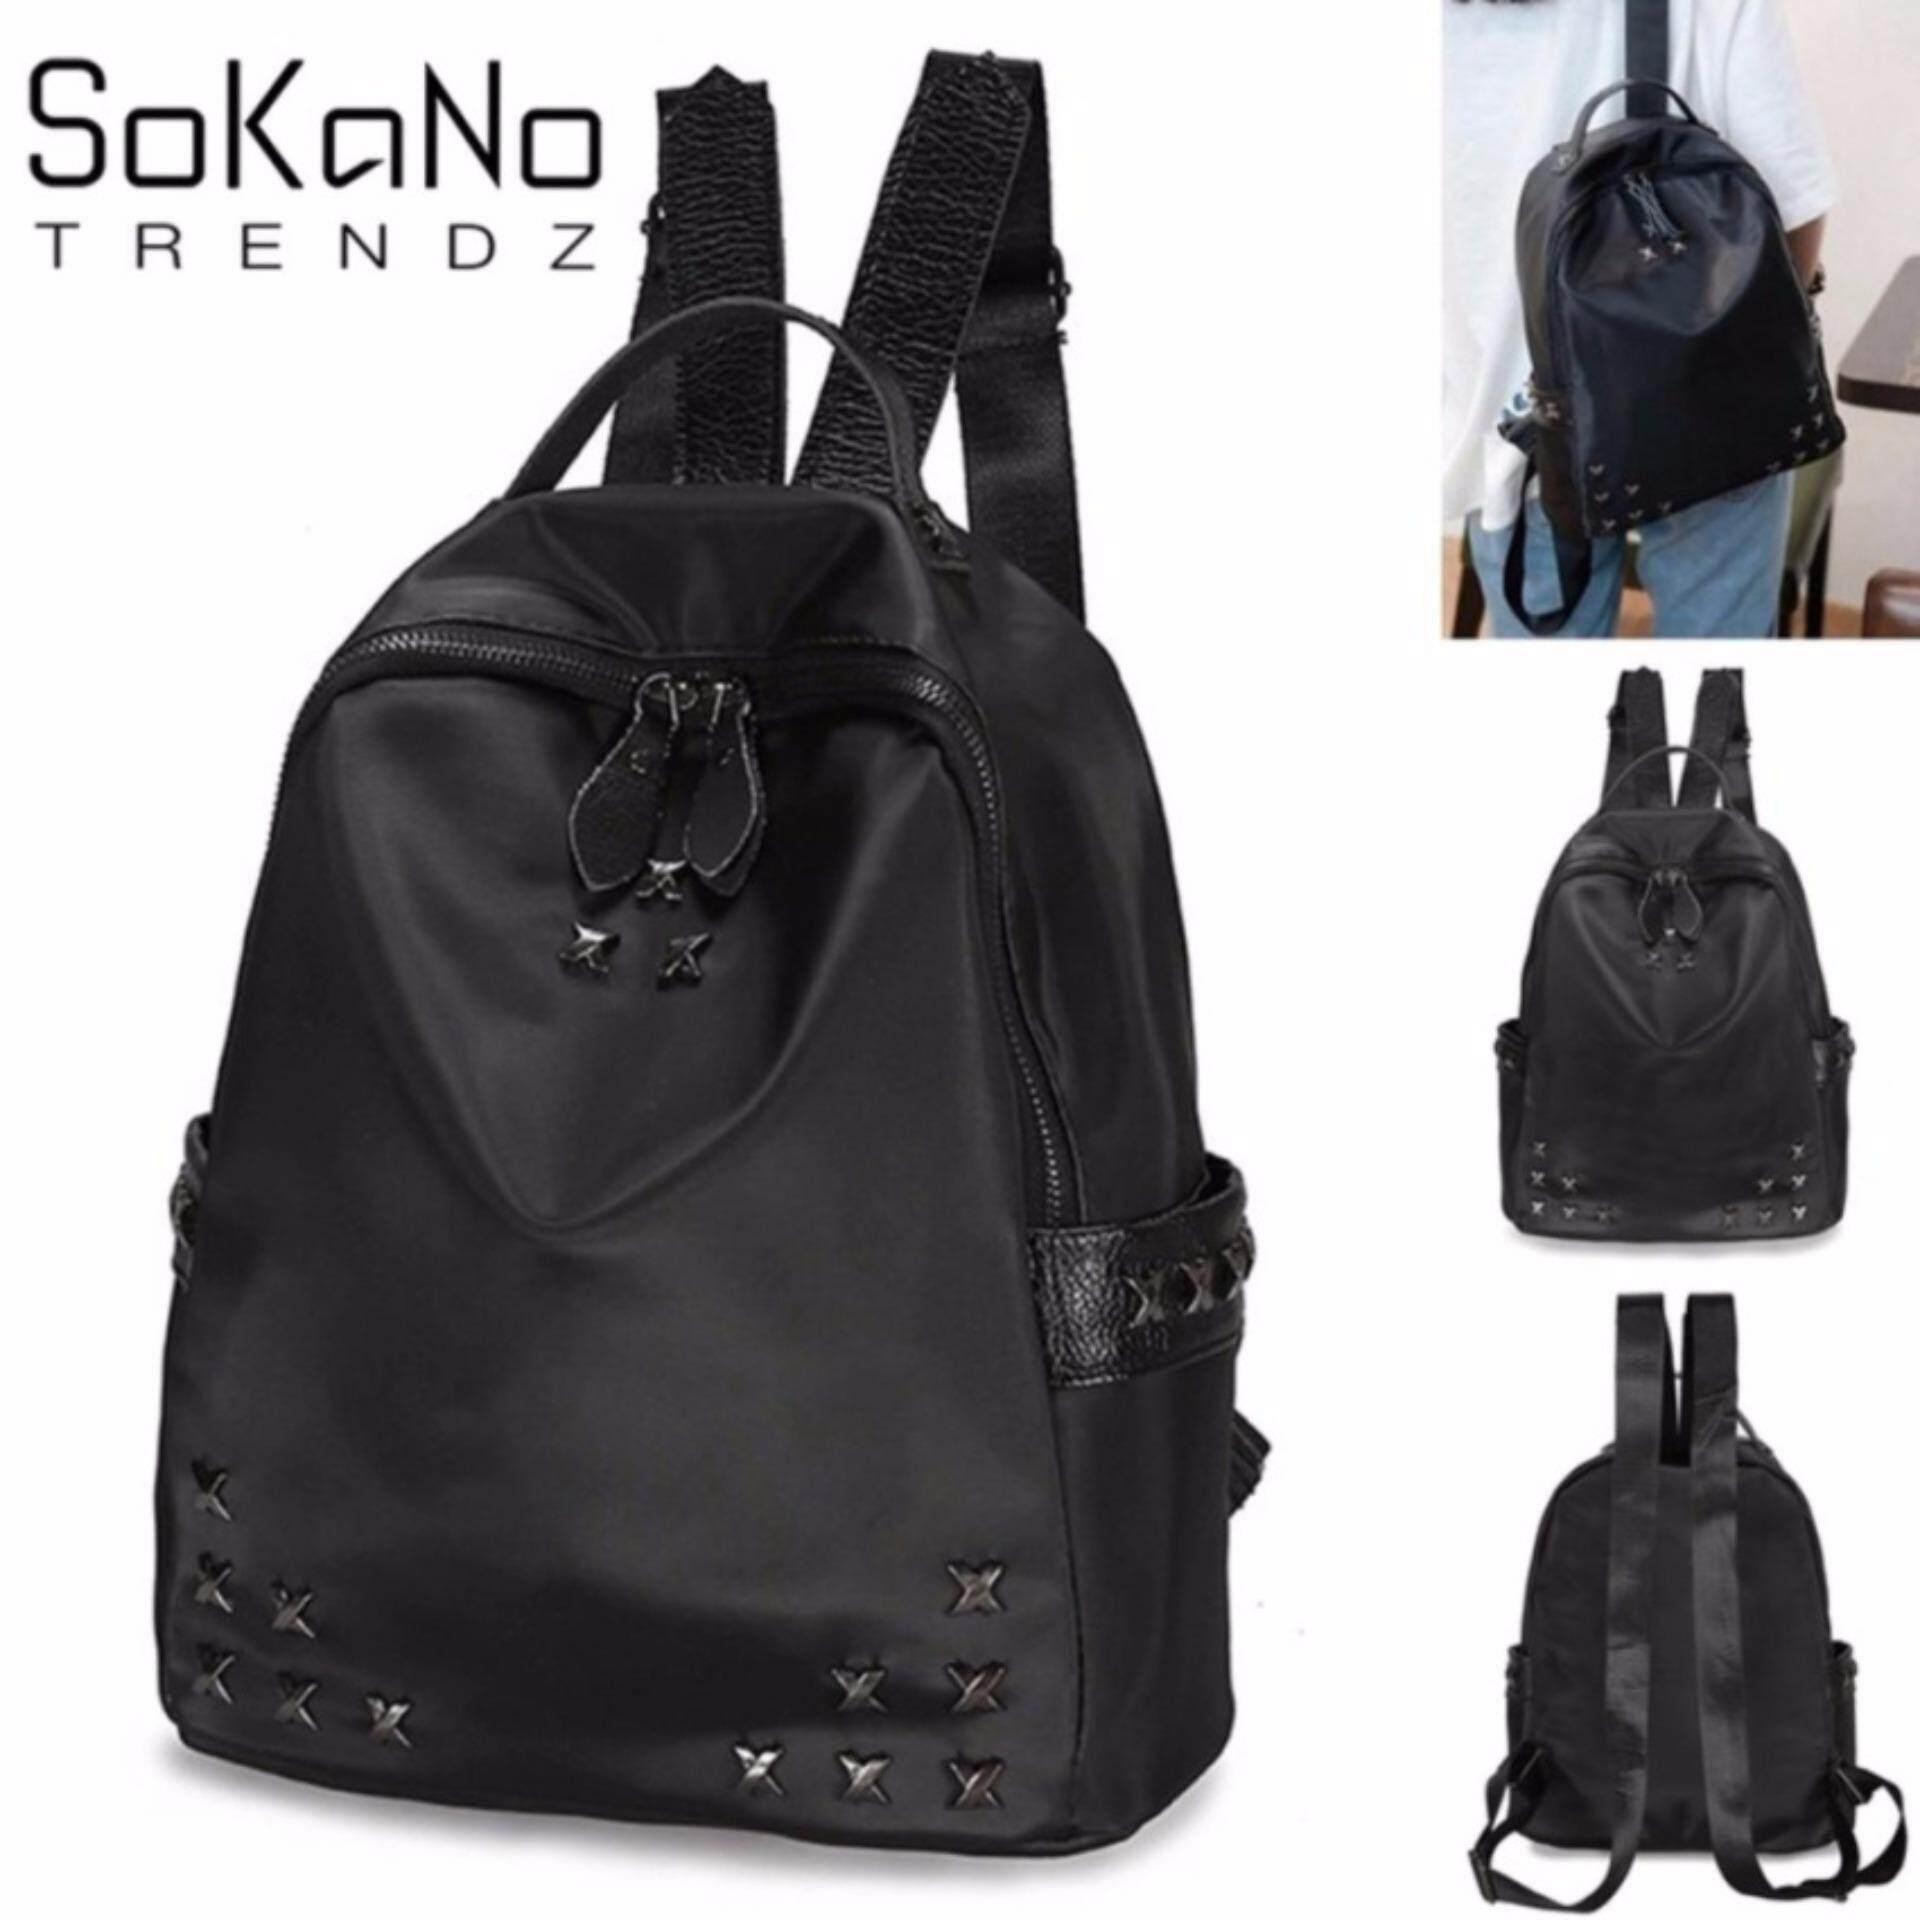 SoKaNo Trendz Korean Movie Inspired SKN748 Rivet Nylon Double Straps Backpack- Black